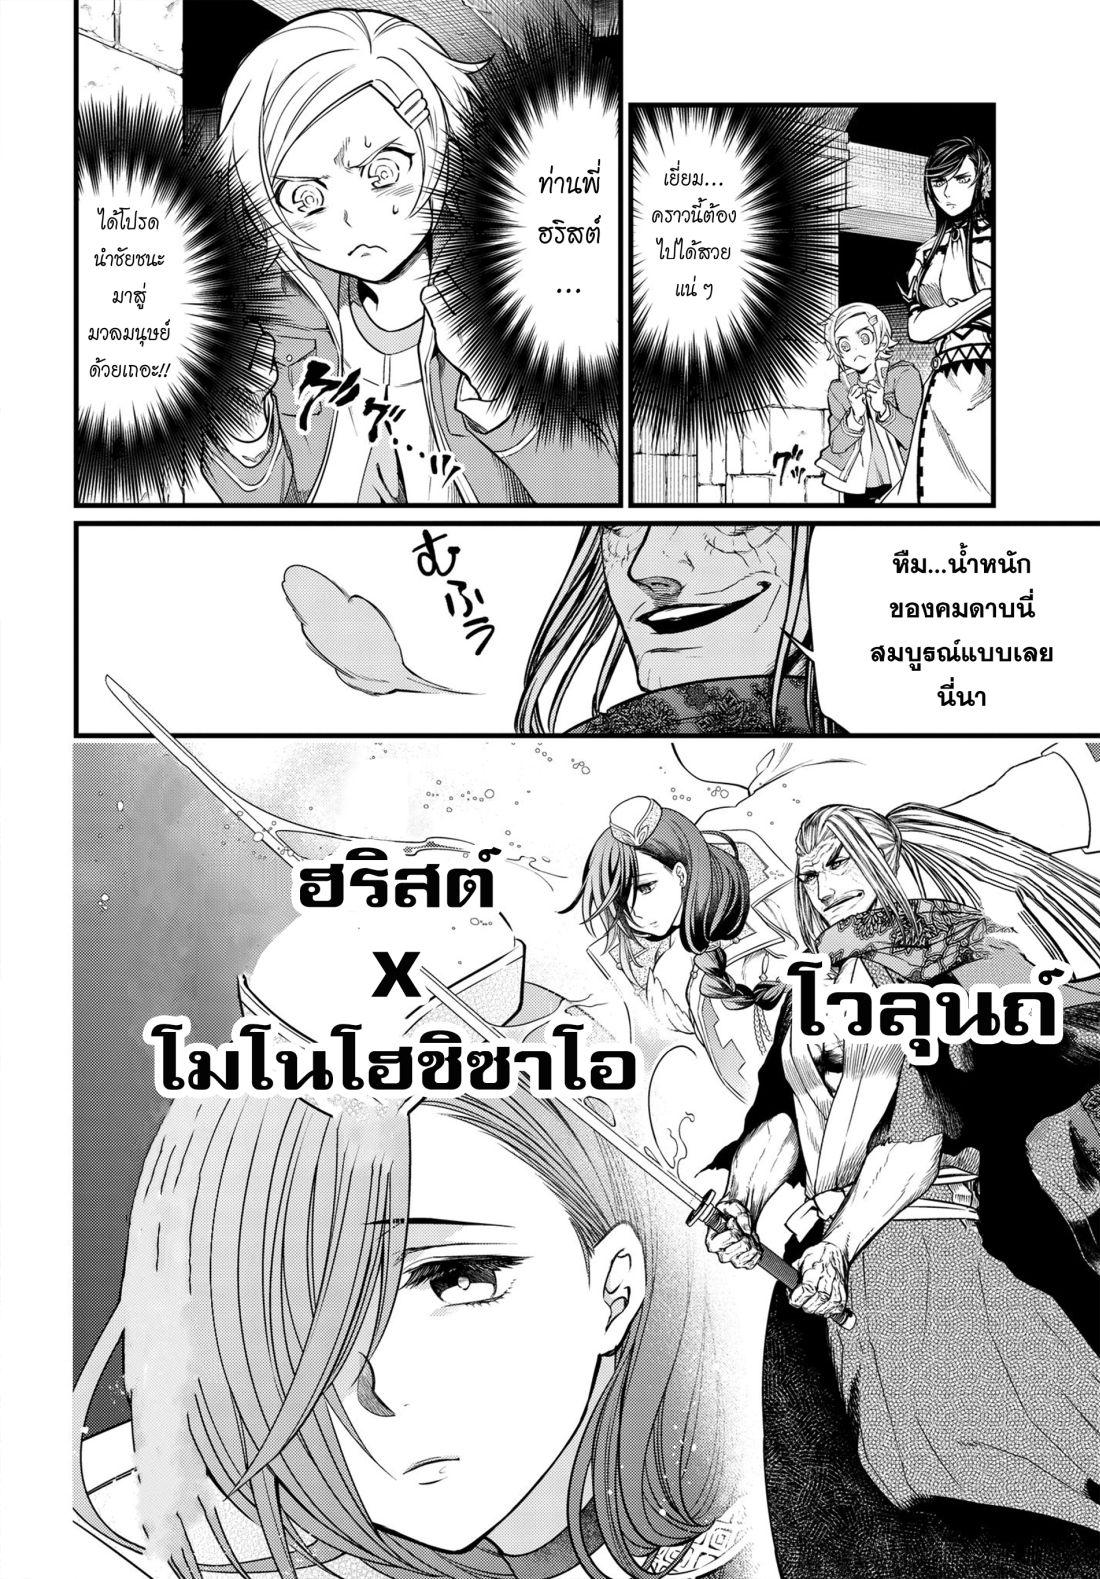 อ่านการ์ตูน Shuumatsu no Walkure ตอนที่ 17 หน้าที่ 23